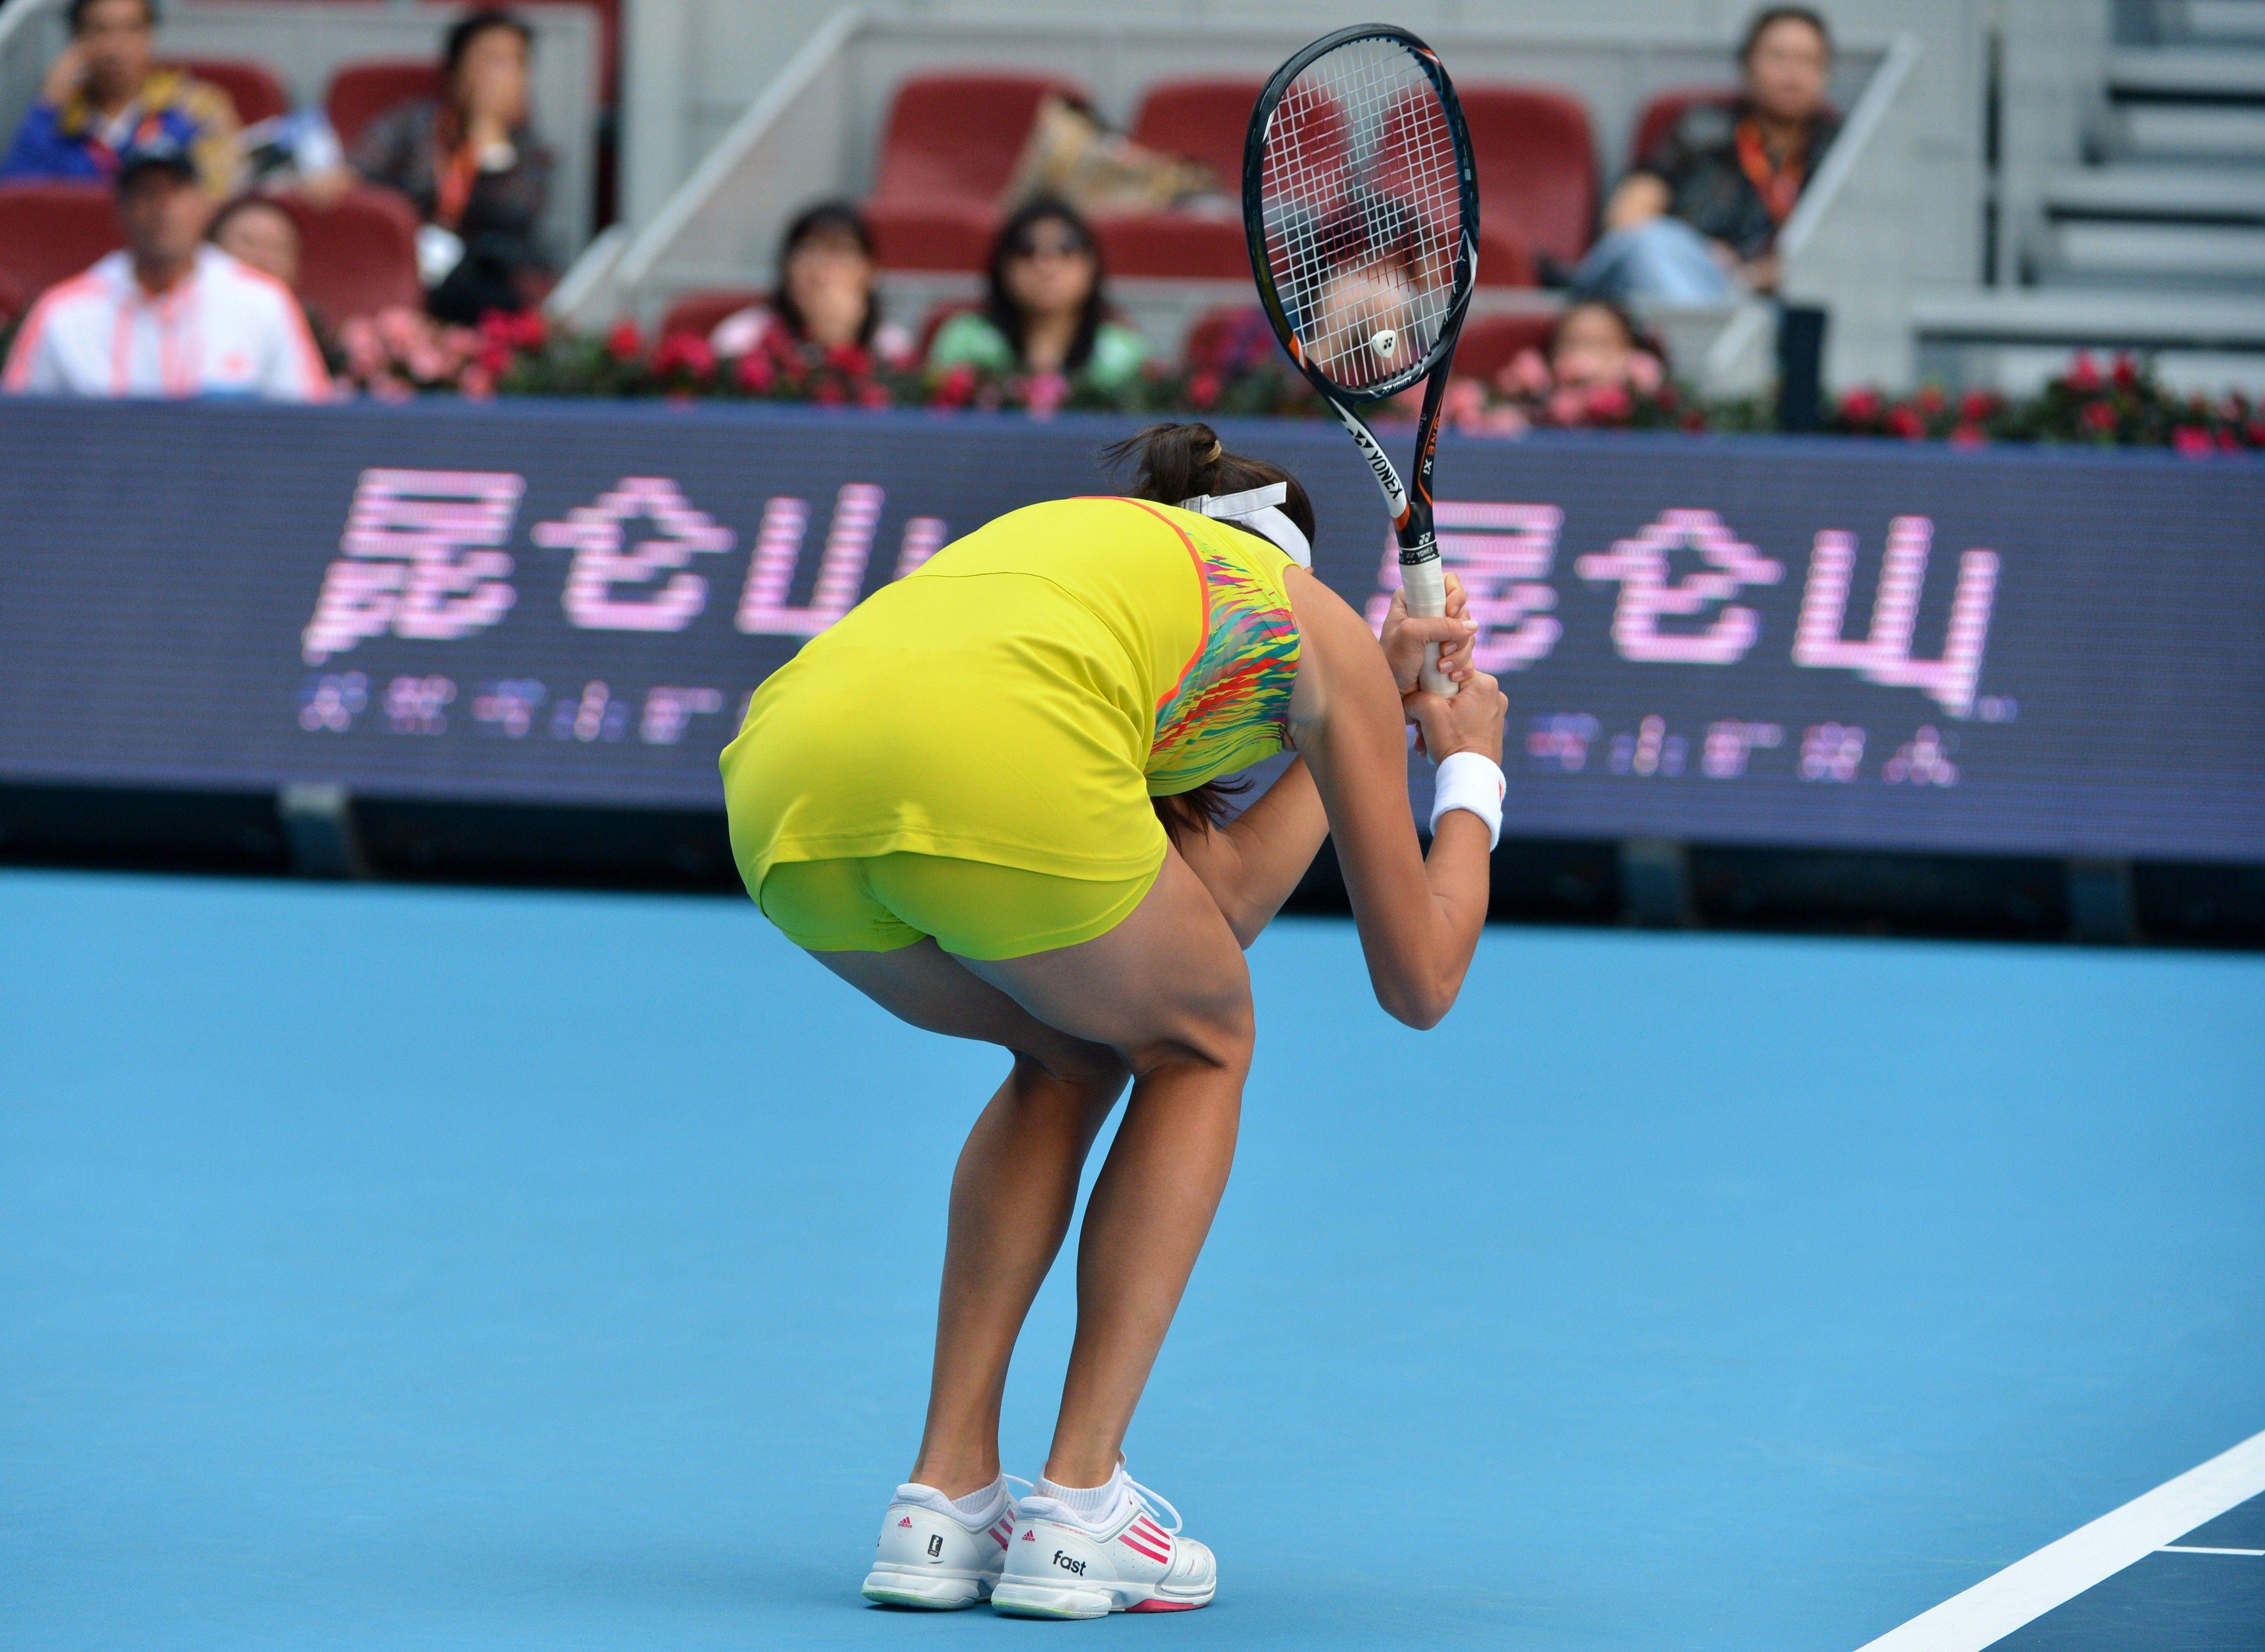 anna-tennis-upskirt